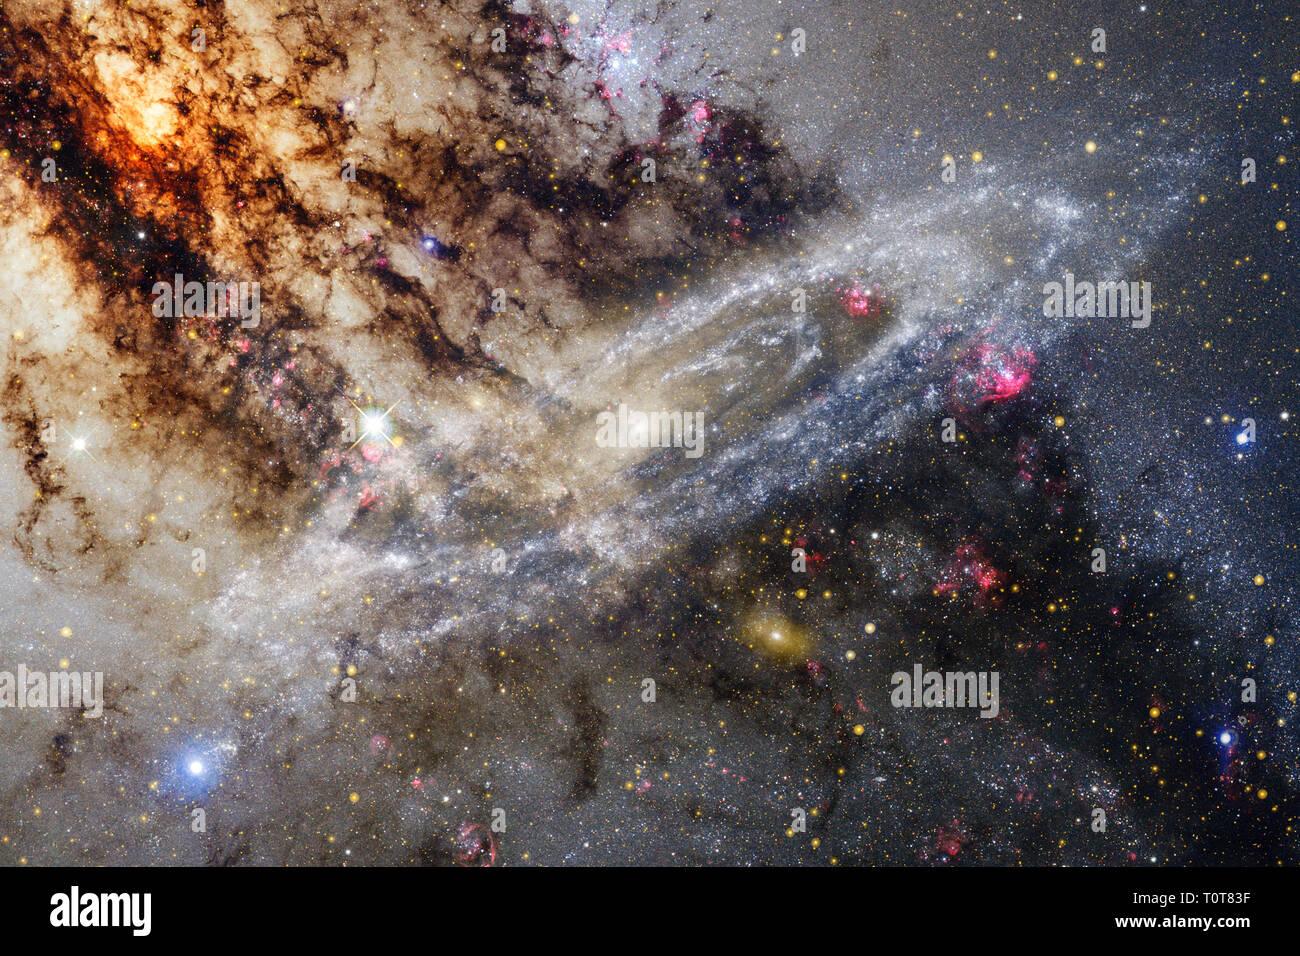 Nebulose una nube interstellare di polvere di stelle. Gli elementi di questa immagine fornita dalla NASA Immagini Stock